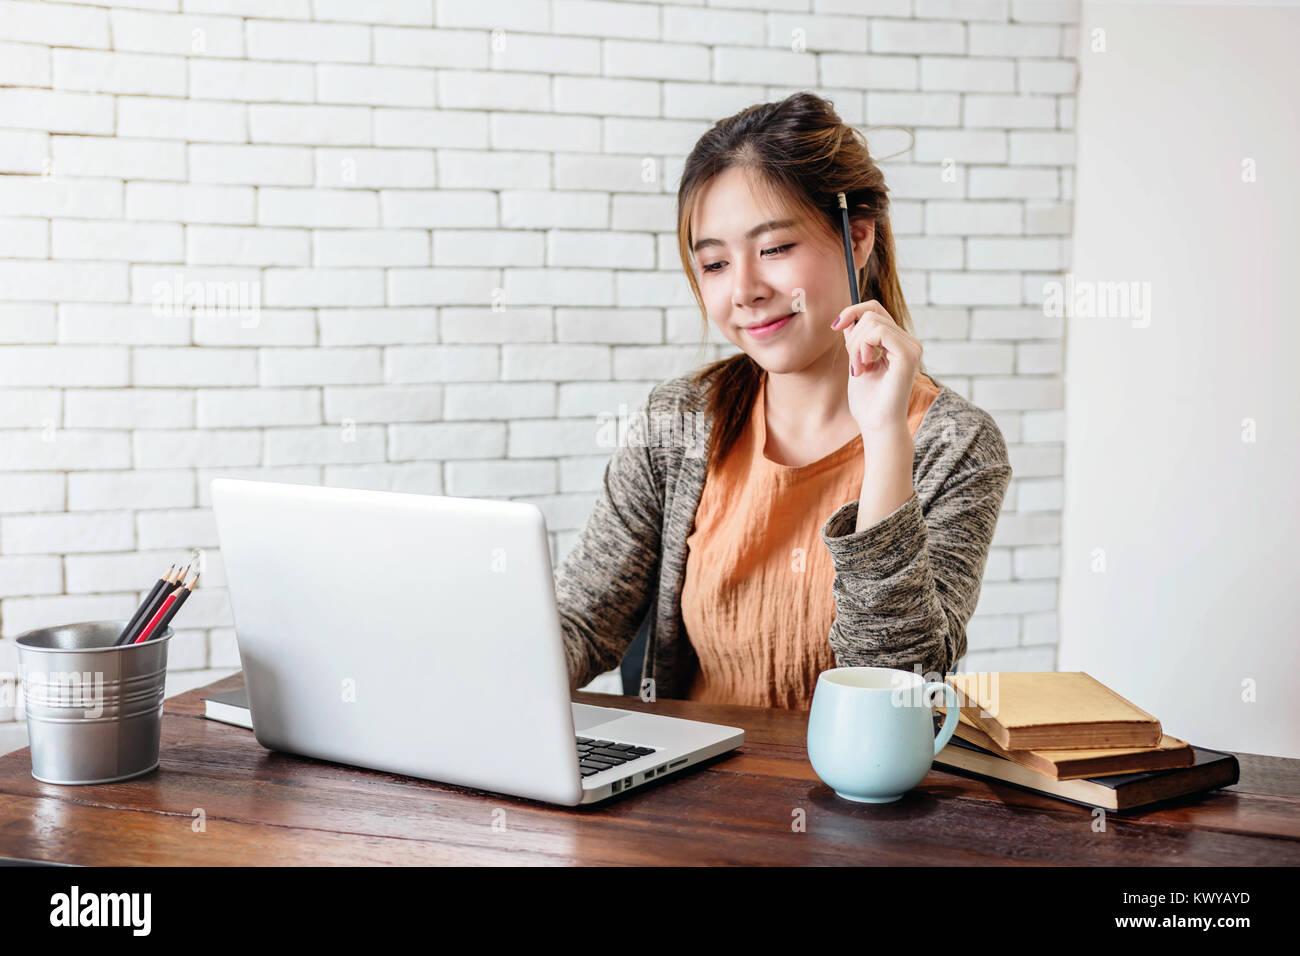 Junge Frau Arbeiten Am Laptop Zu Hause Buro Arbeiten Mit Glucklich